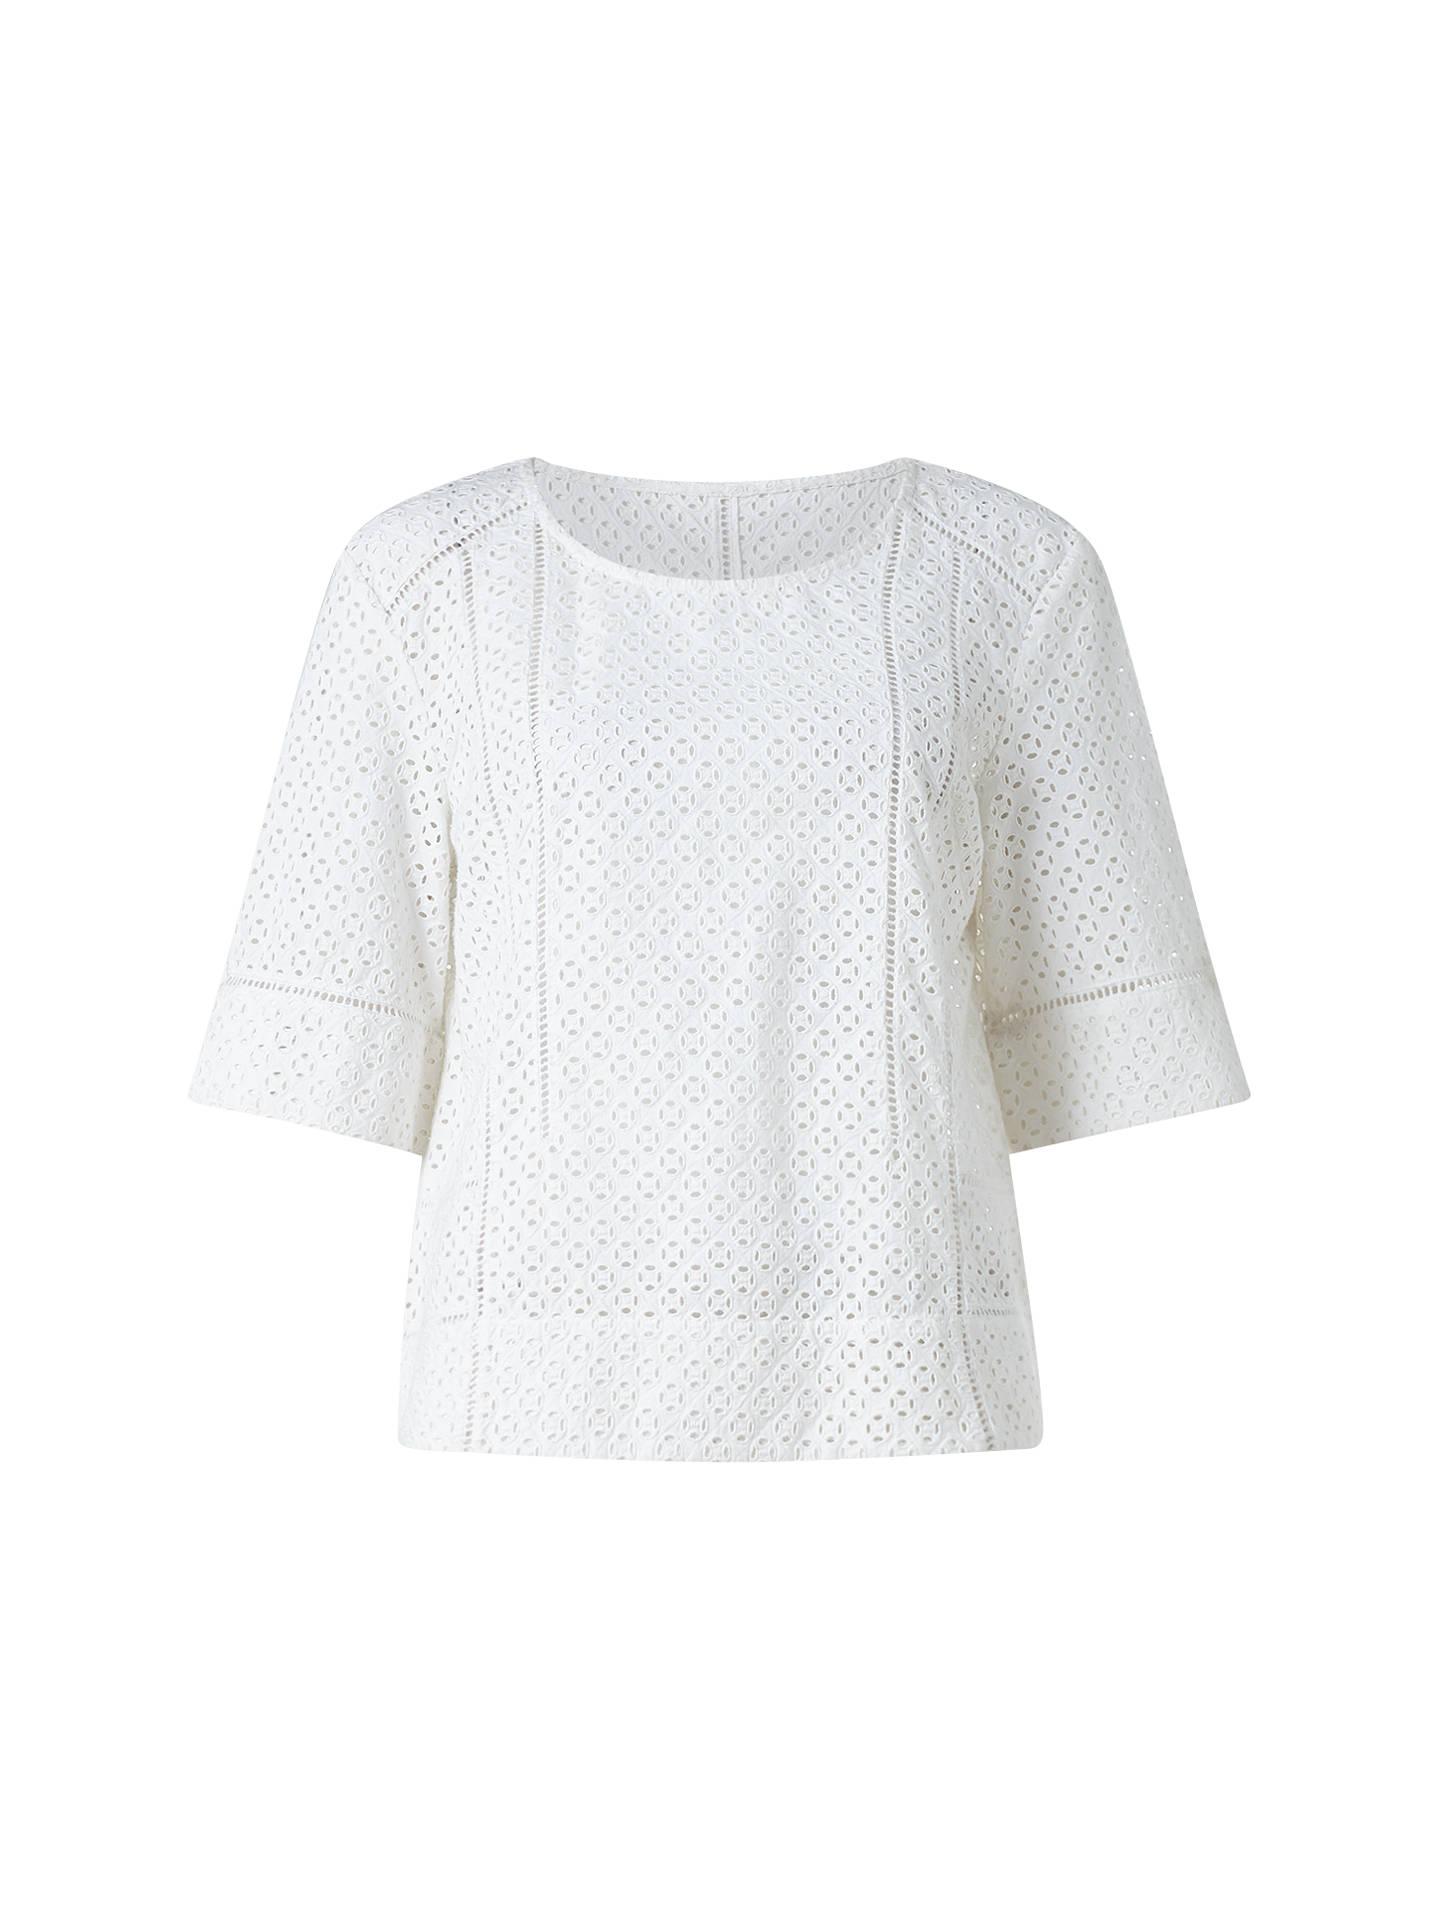 Jigsaw Broderie Cotton Shirt Womens New White